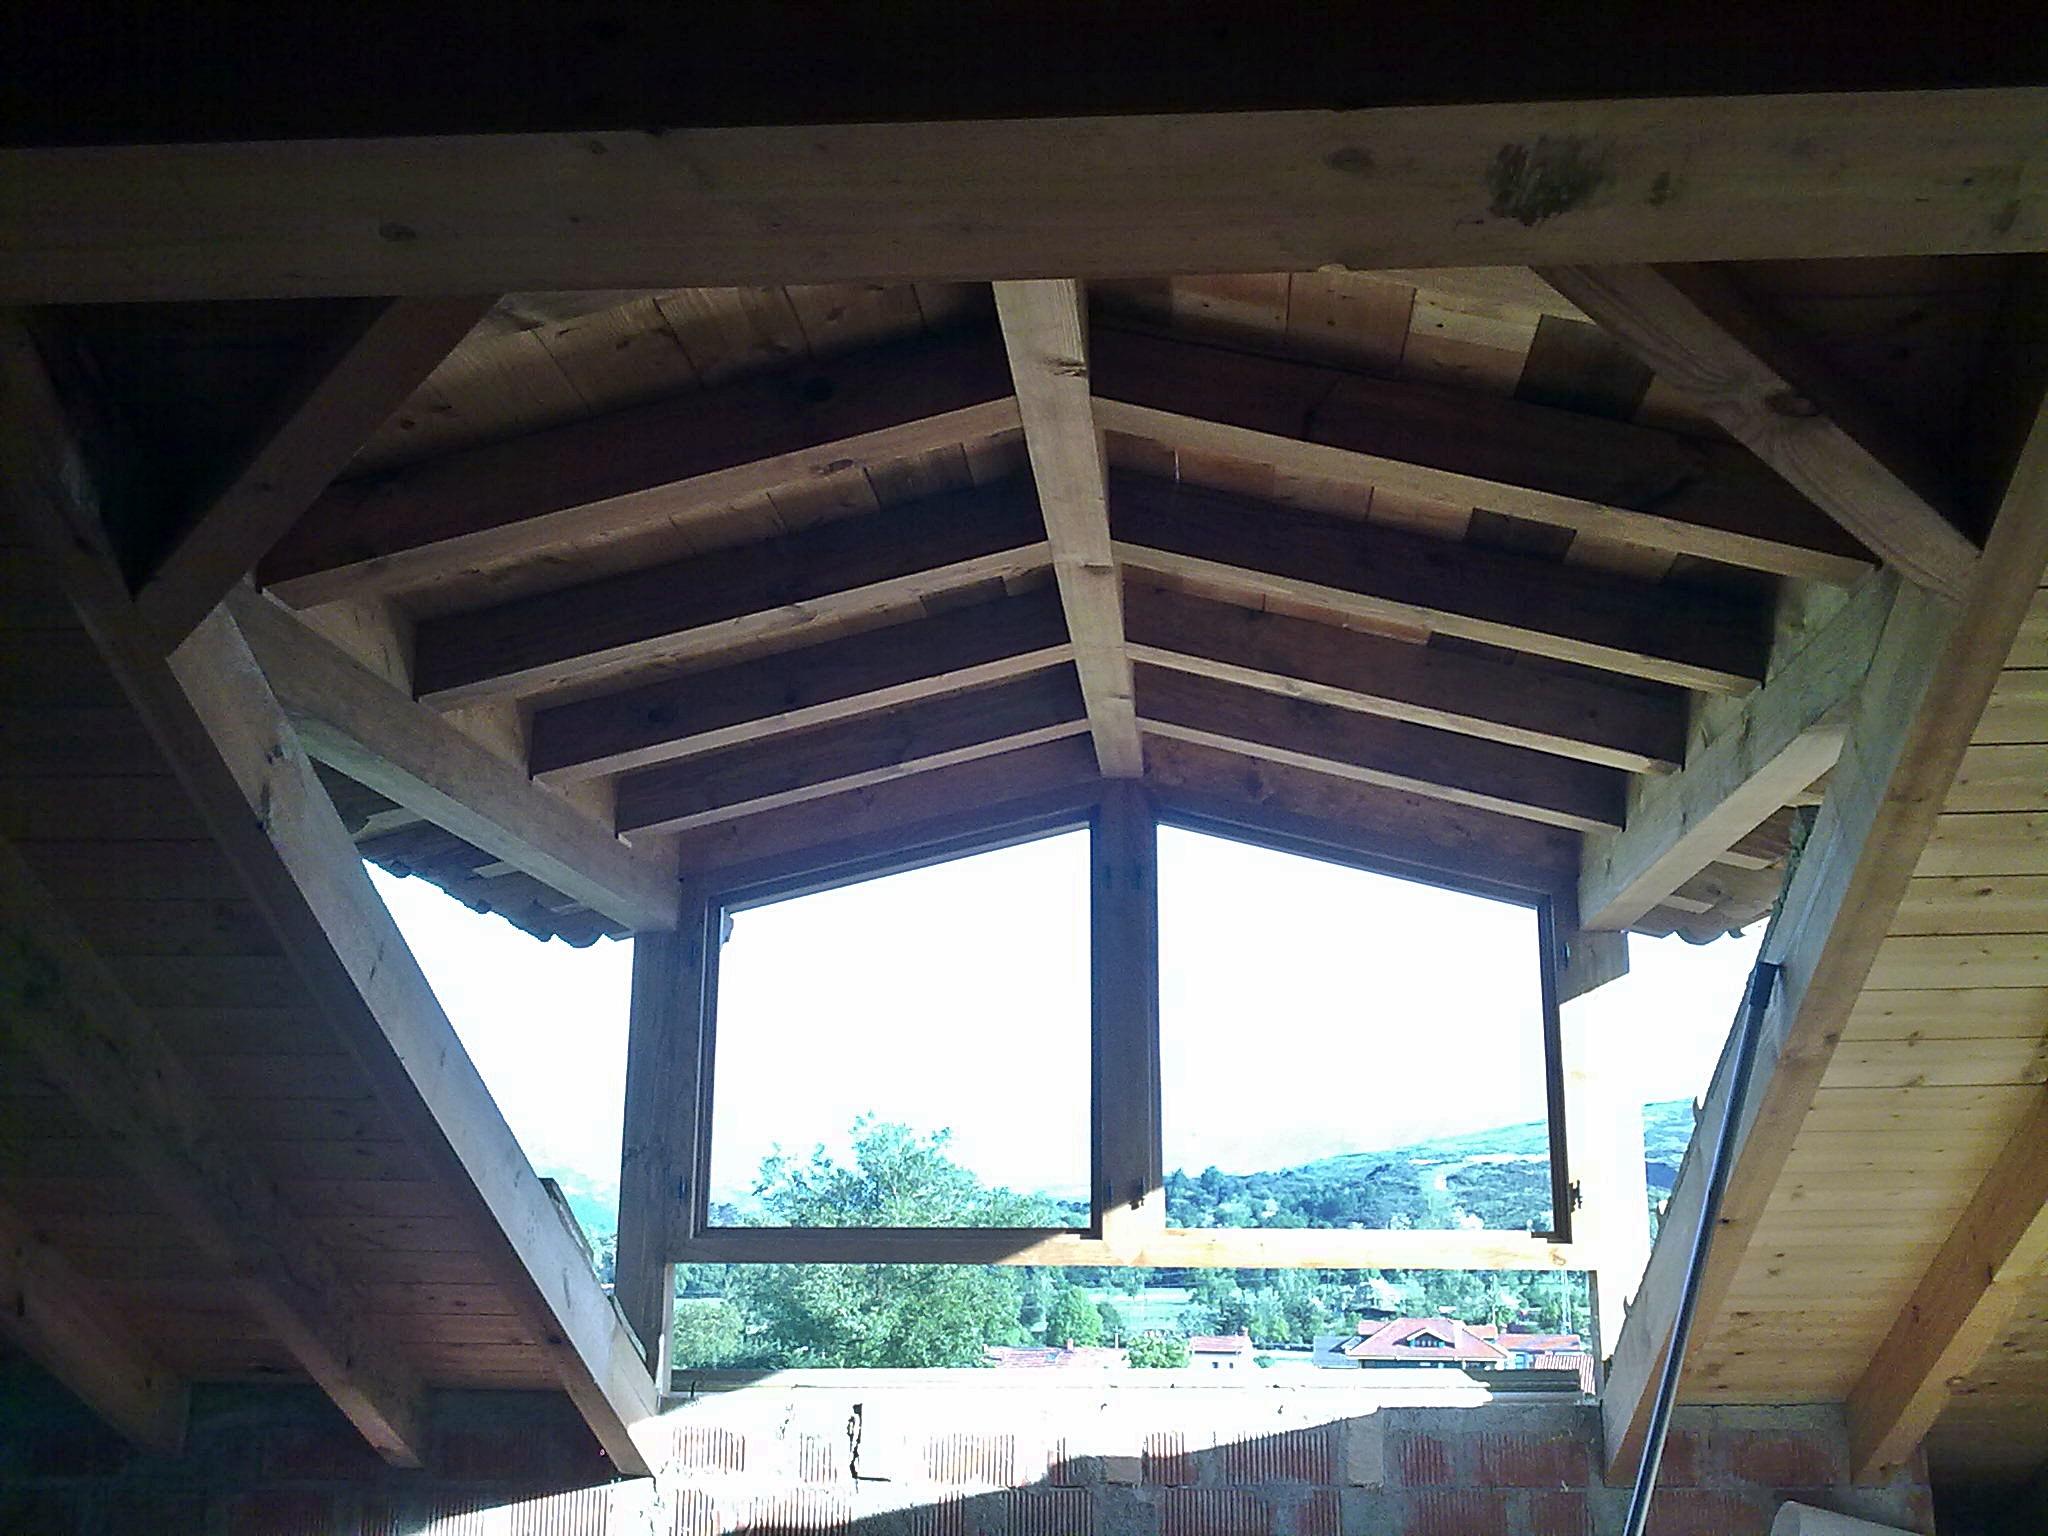 Estructuras de madera techos - Estructuras de madera para techos ...